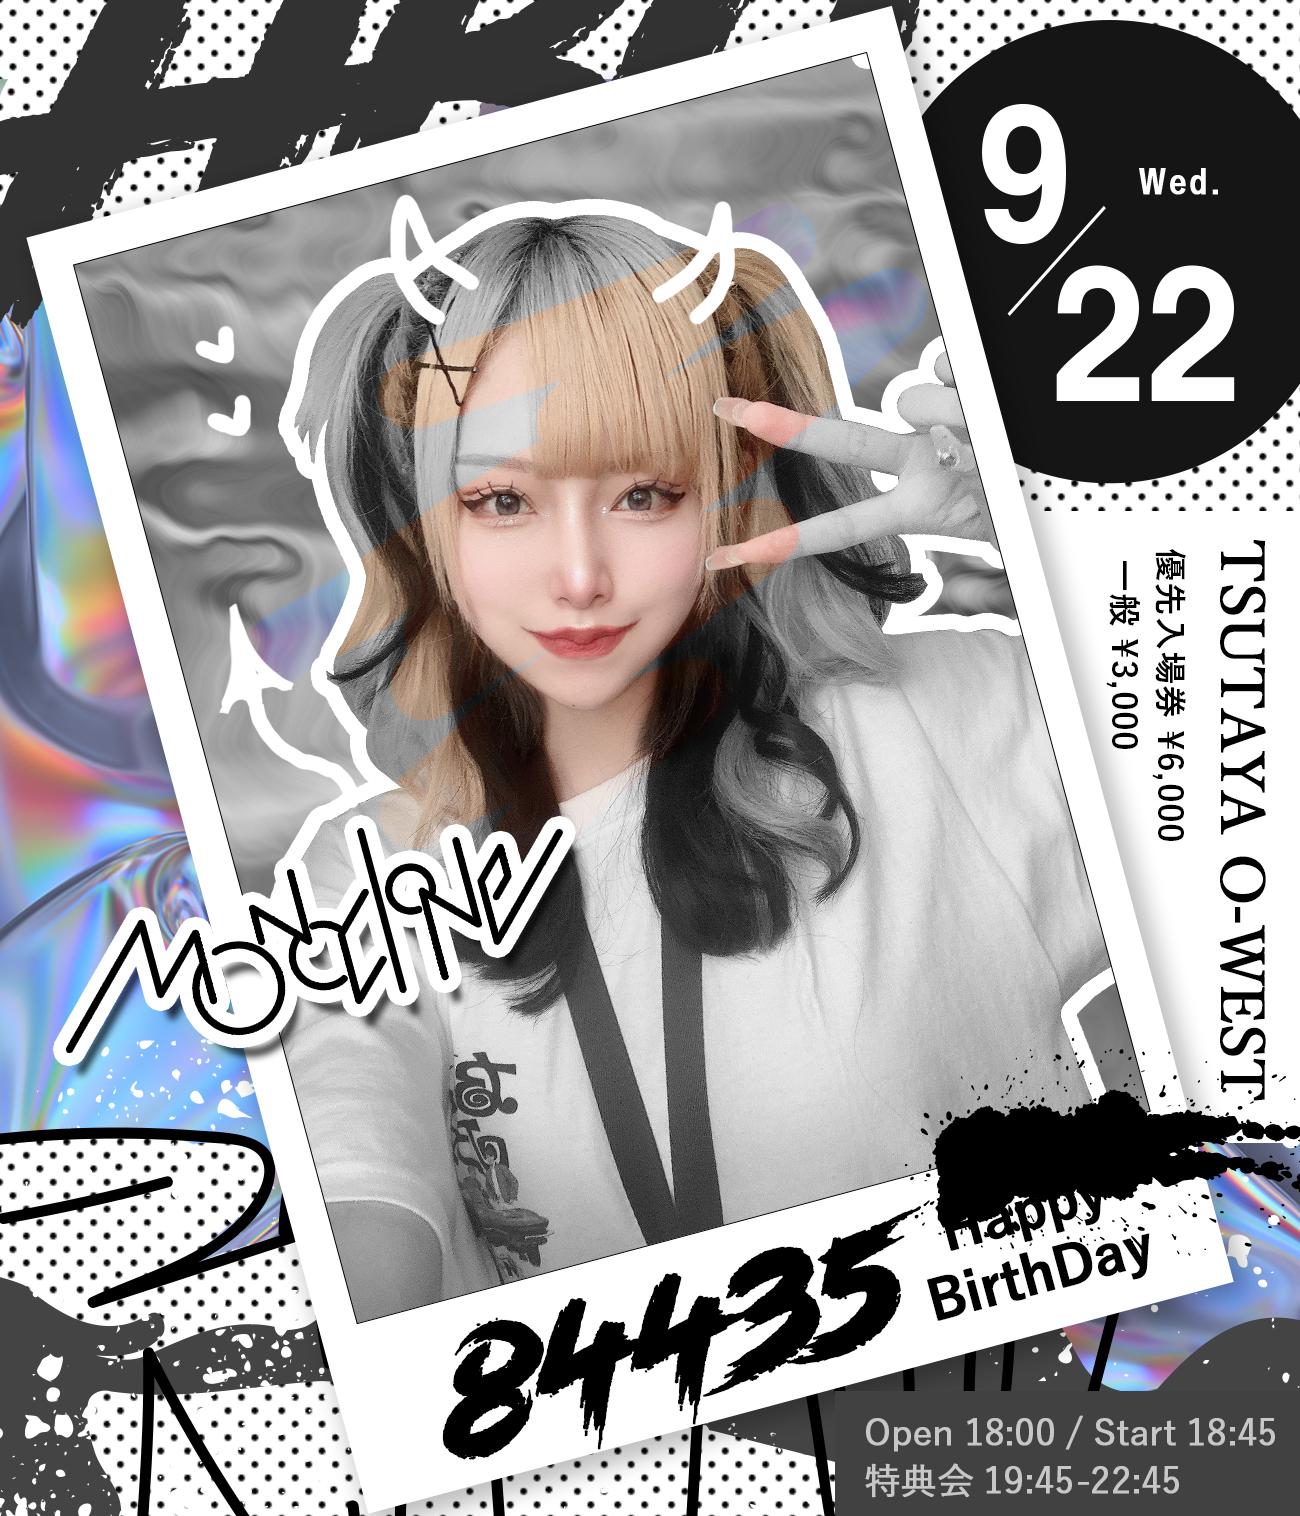 モノクローン 844 35生誕祭